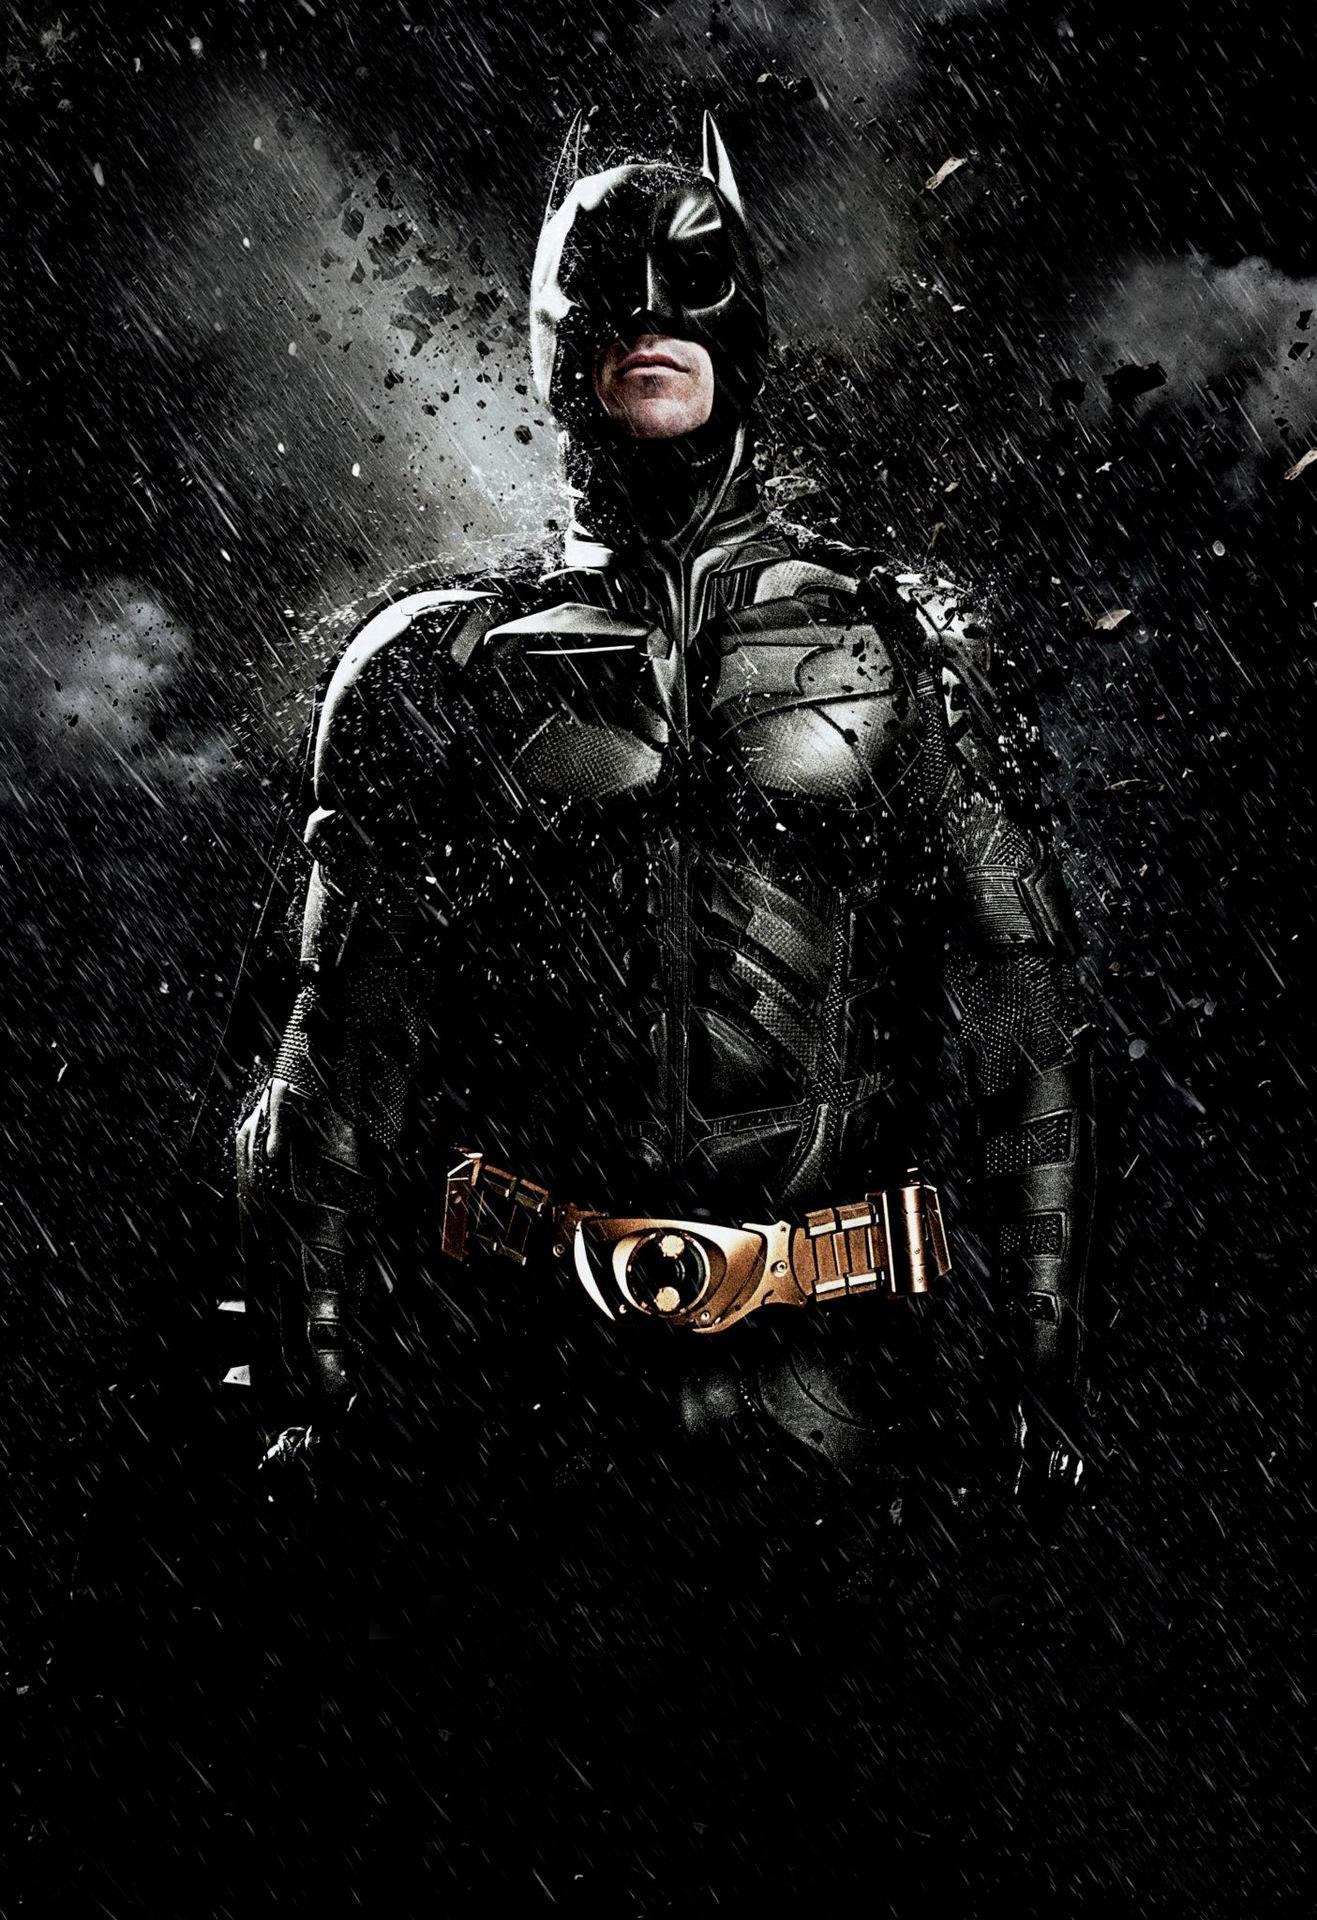 Dark Knight Rises Free